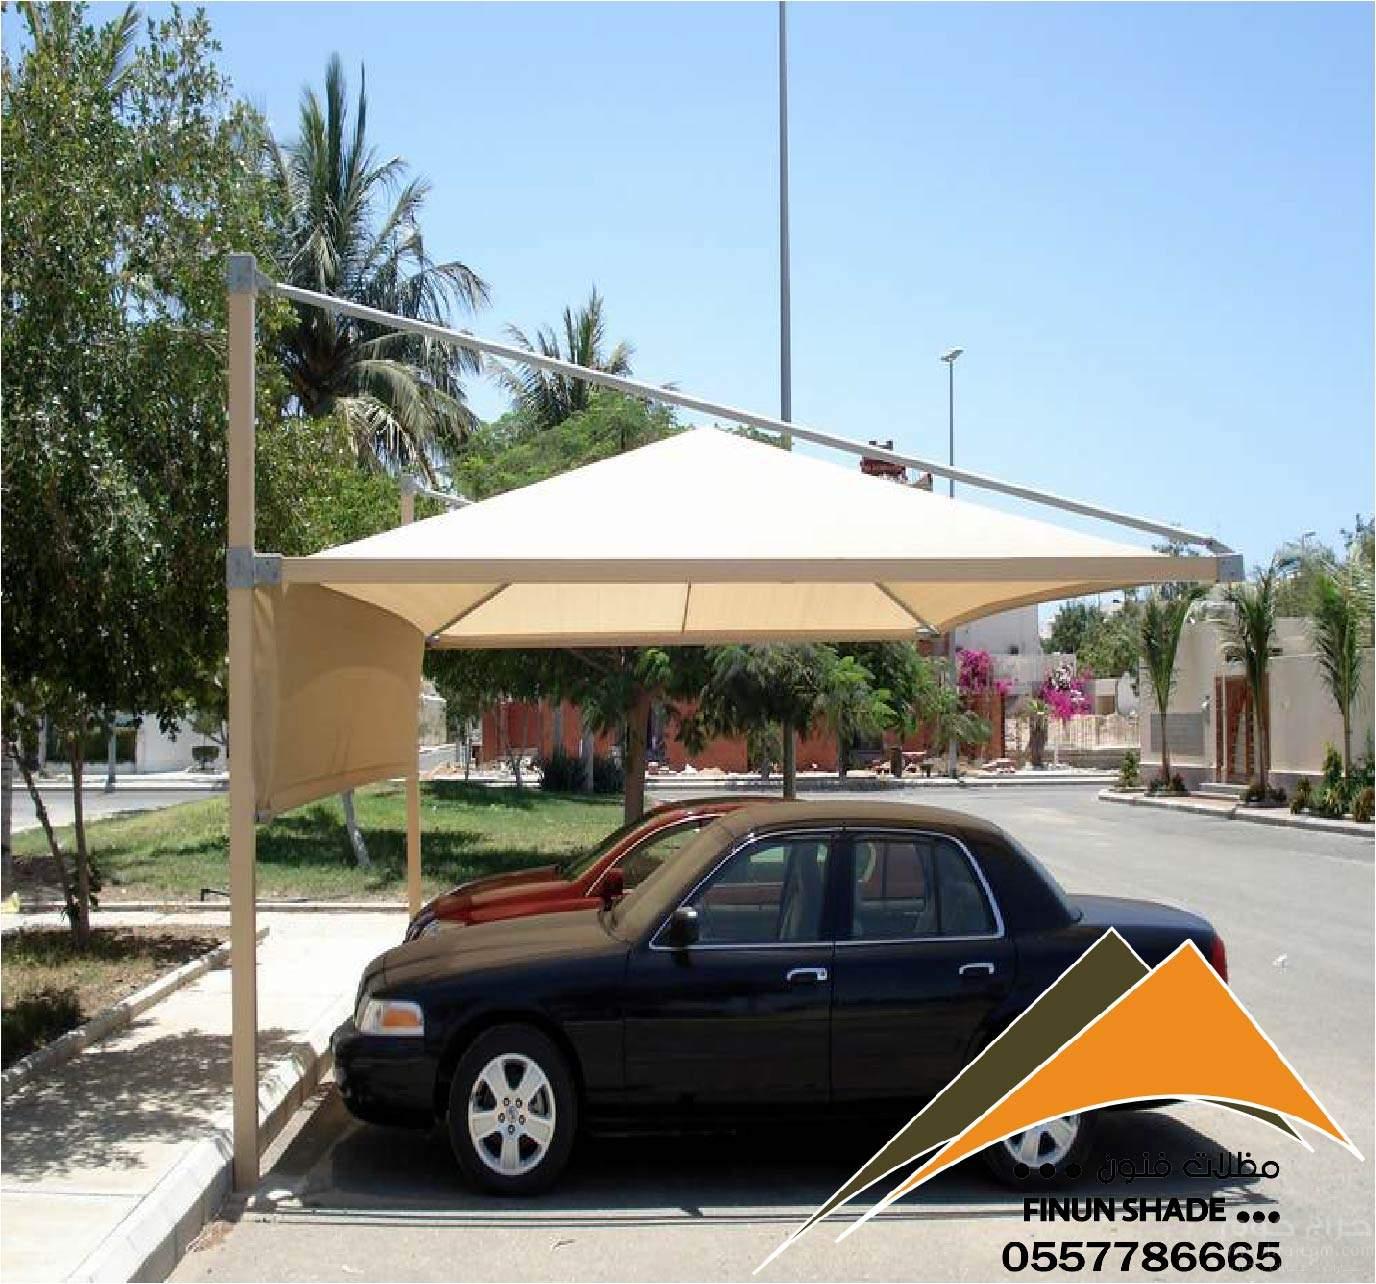 مظلات وسواتر,مظلات مواقف, مظلات  حدائق,مظلات السيارات,مظلات مسابح